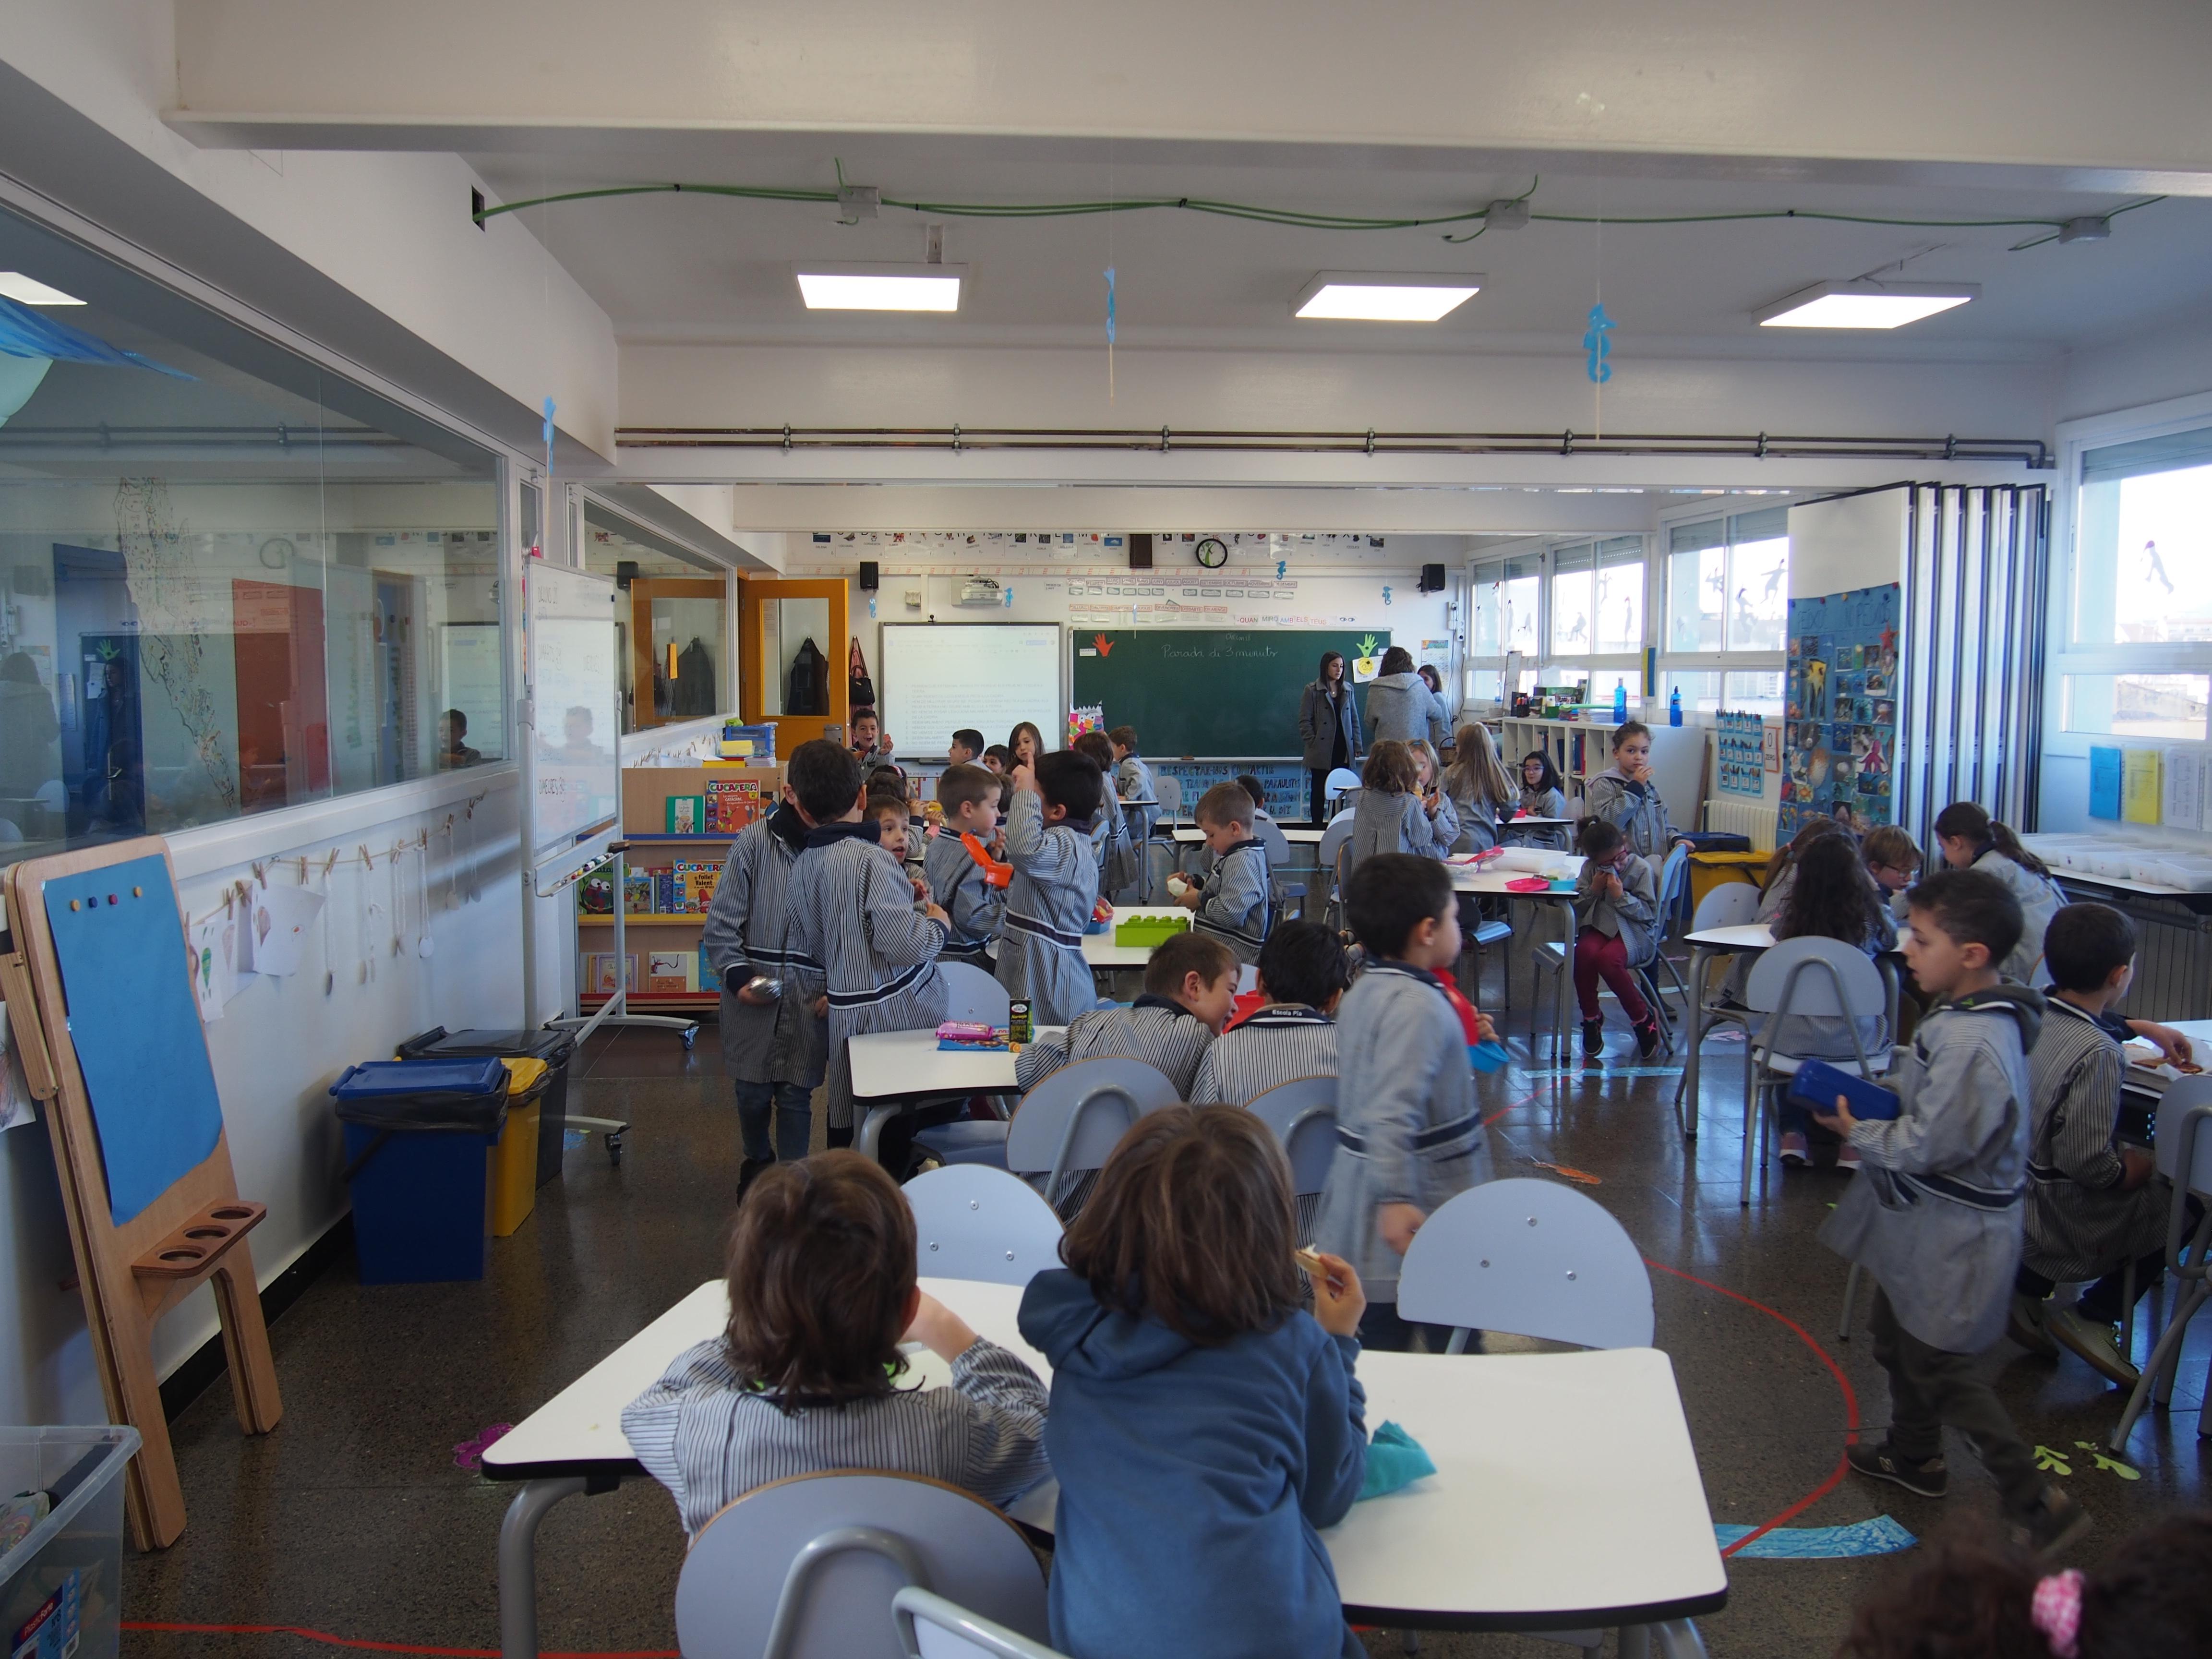 aula plaça